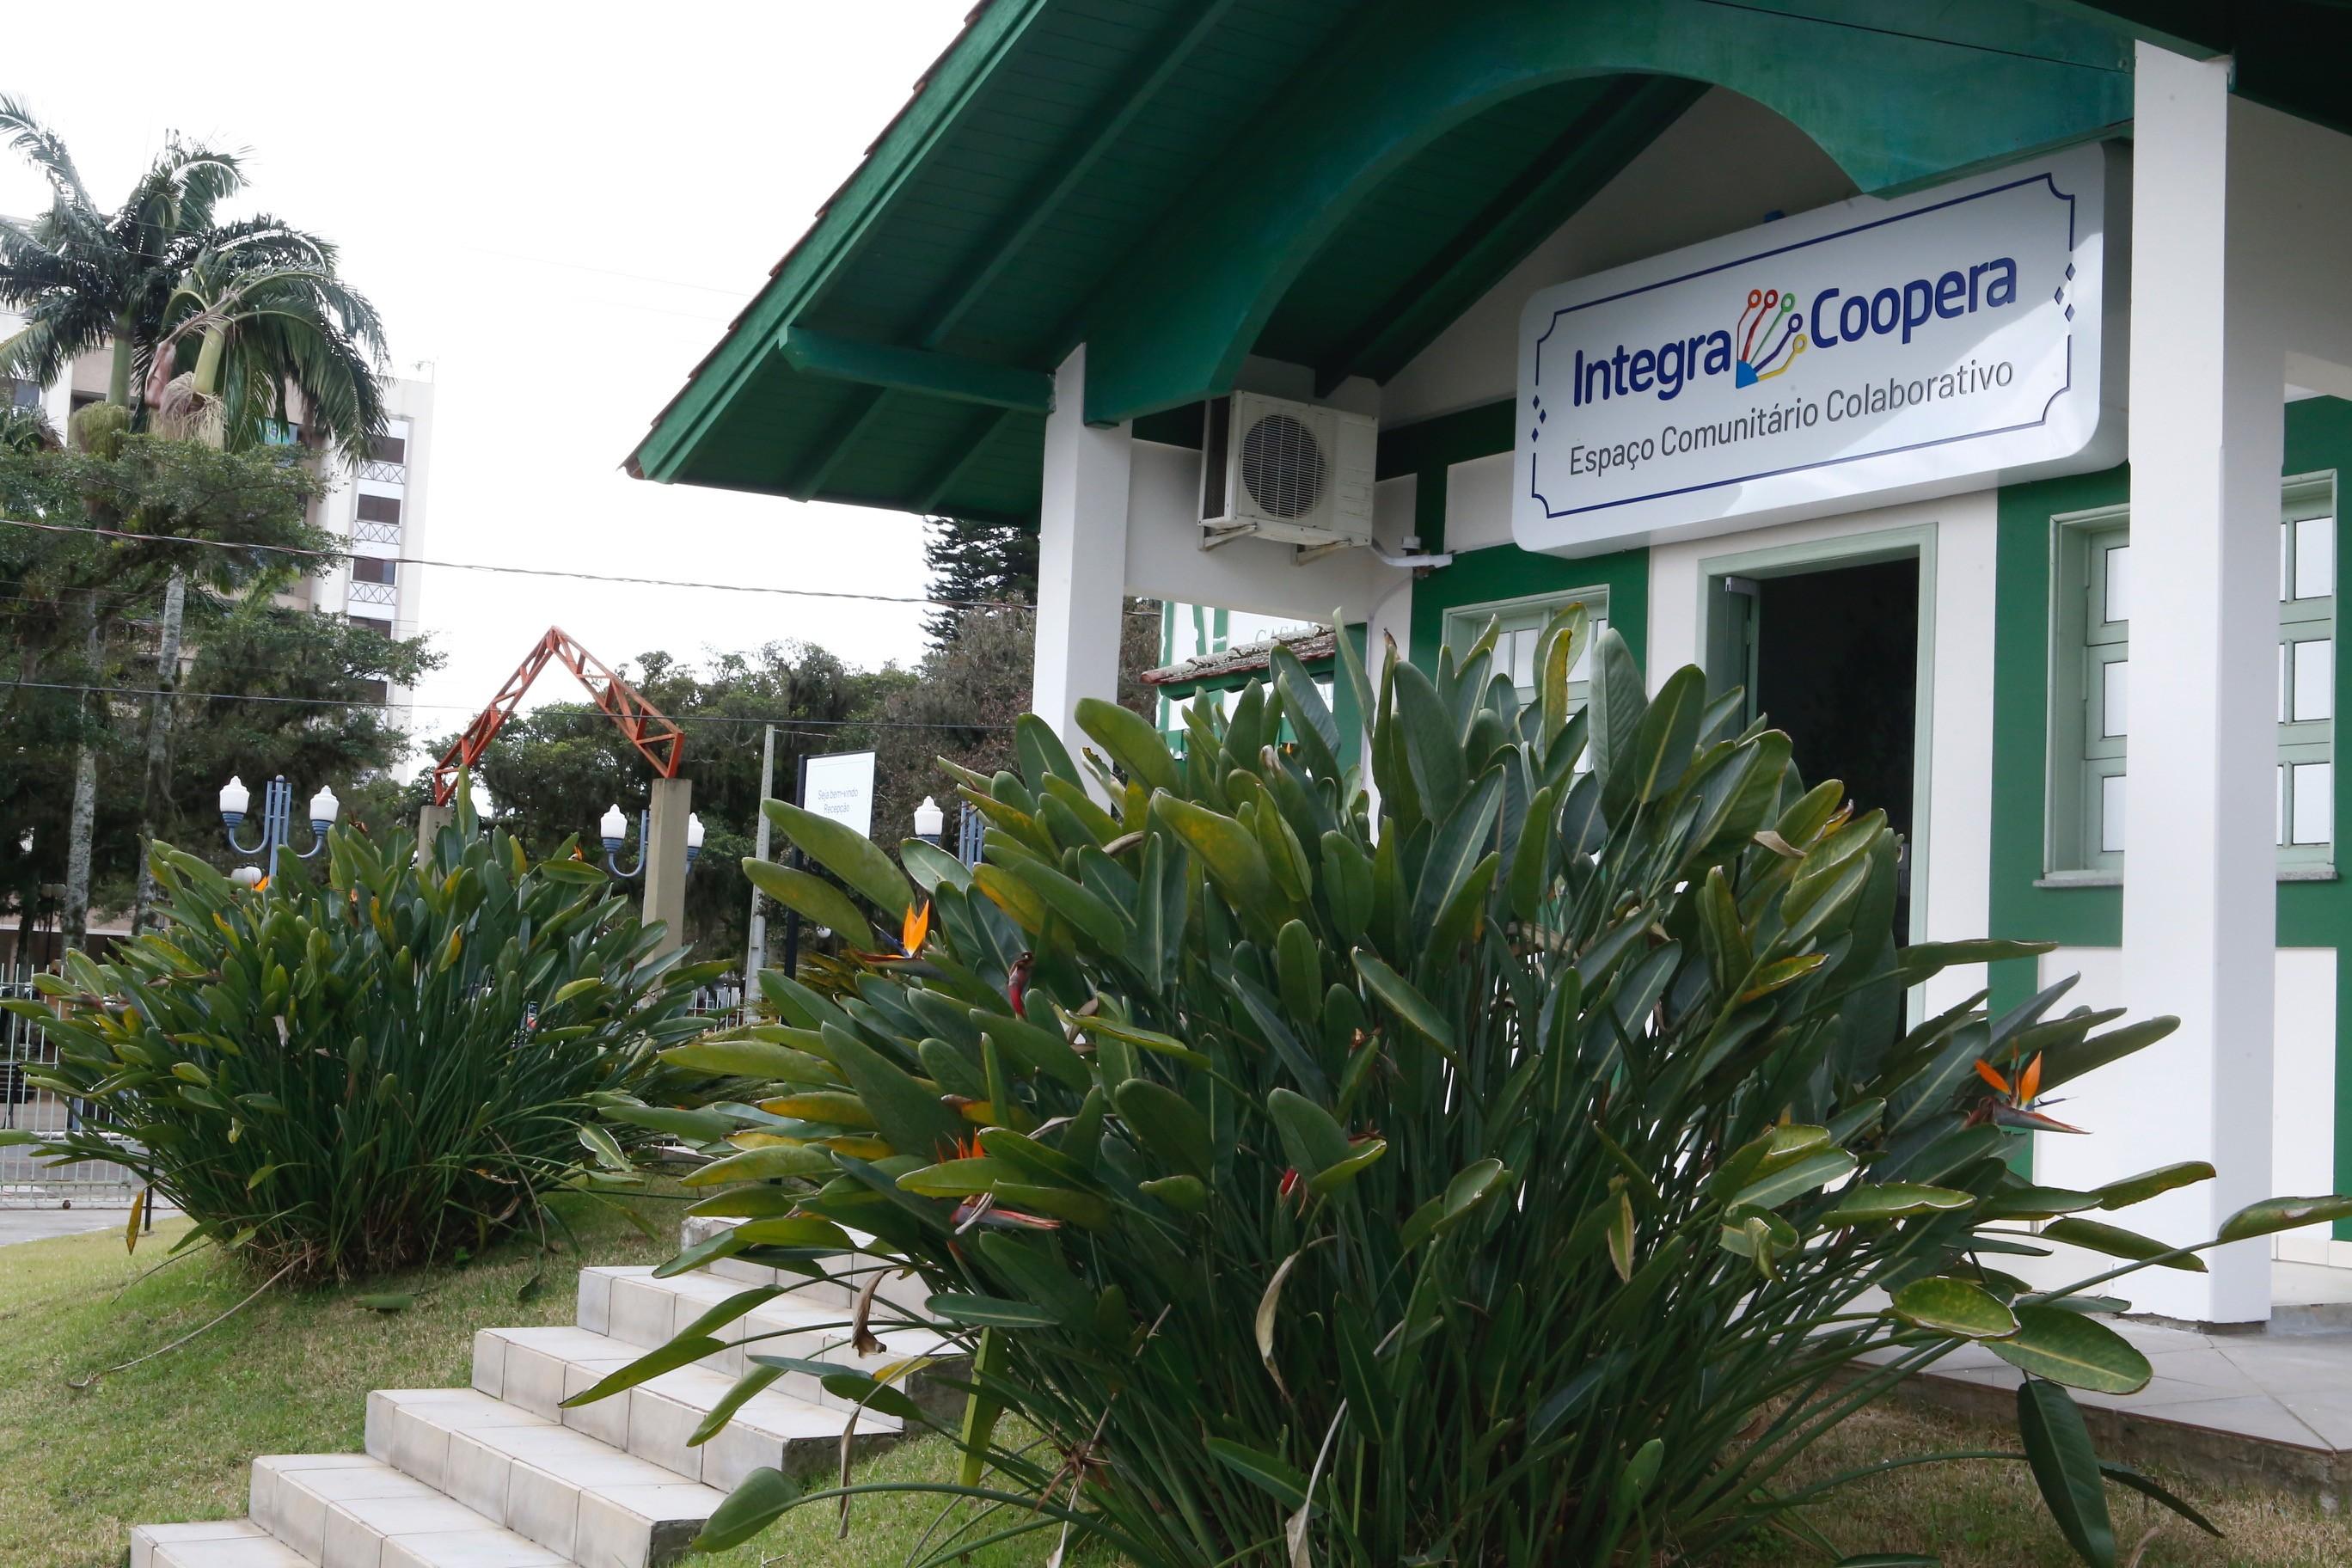 Como os moradores de Forquilhinha veem o Integra Coopera?